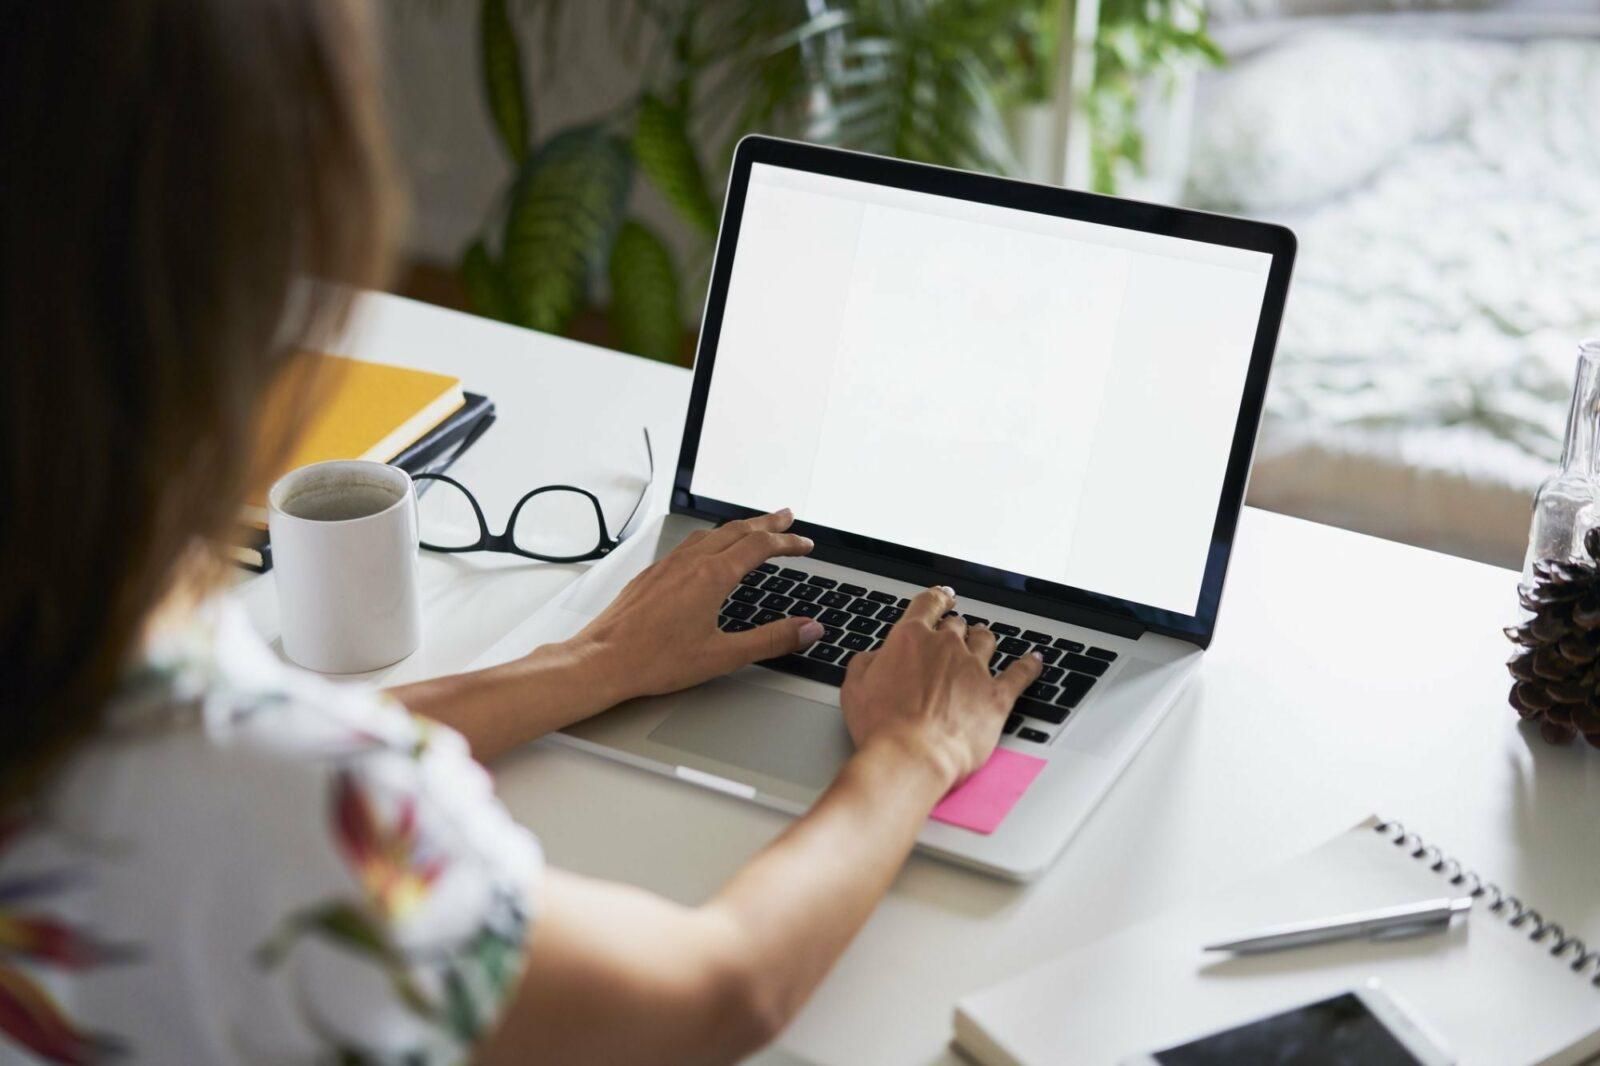 با طراحی کاتالوگ آنلاین تمایز خود را ثابت کنید